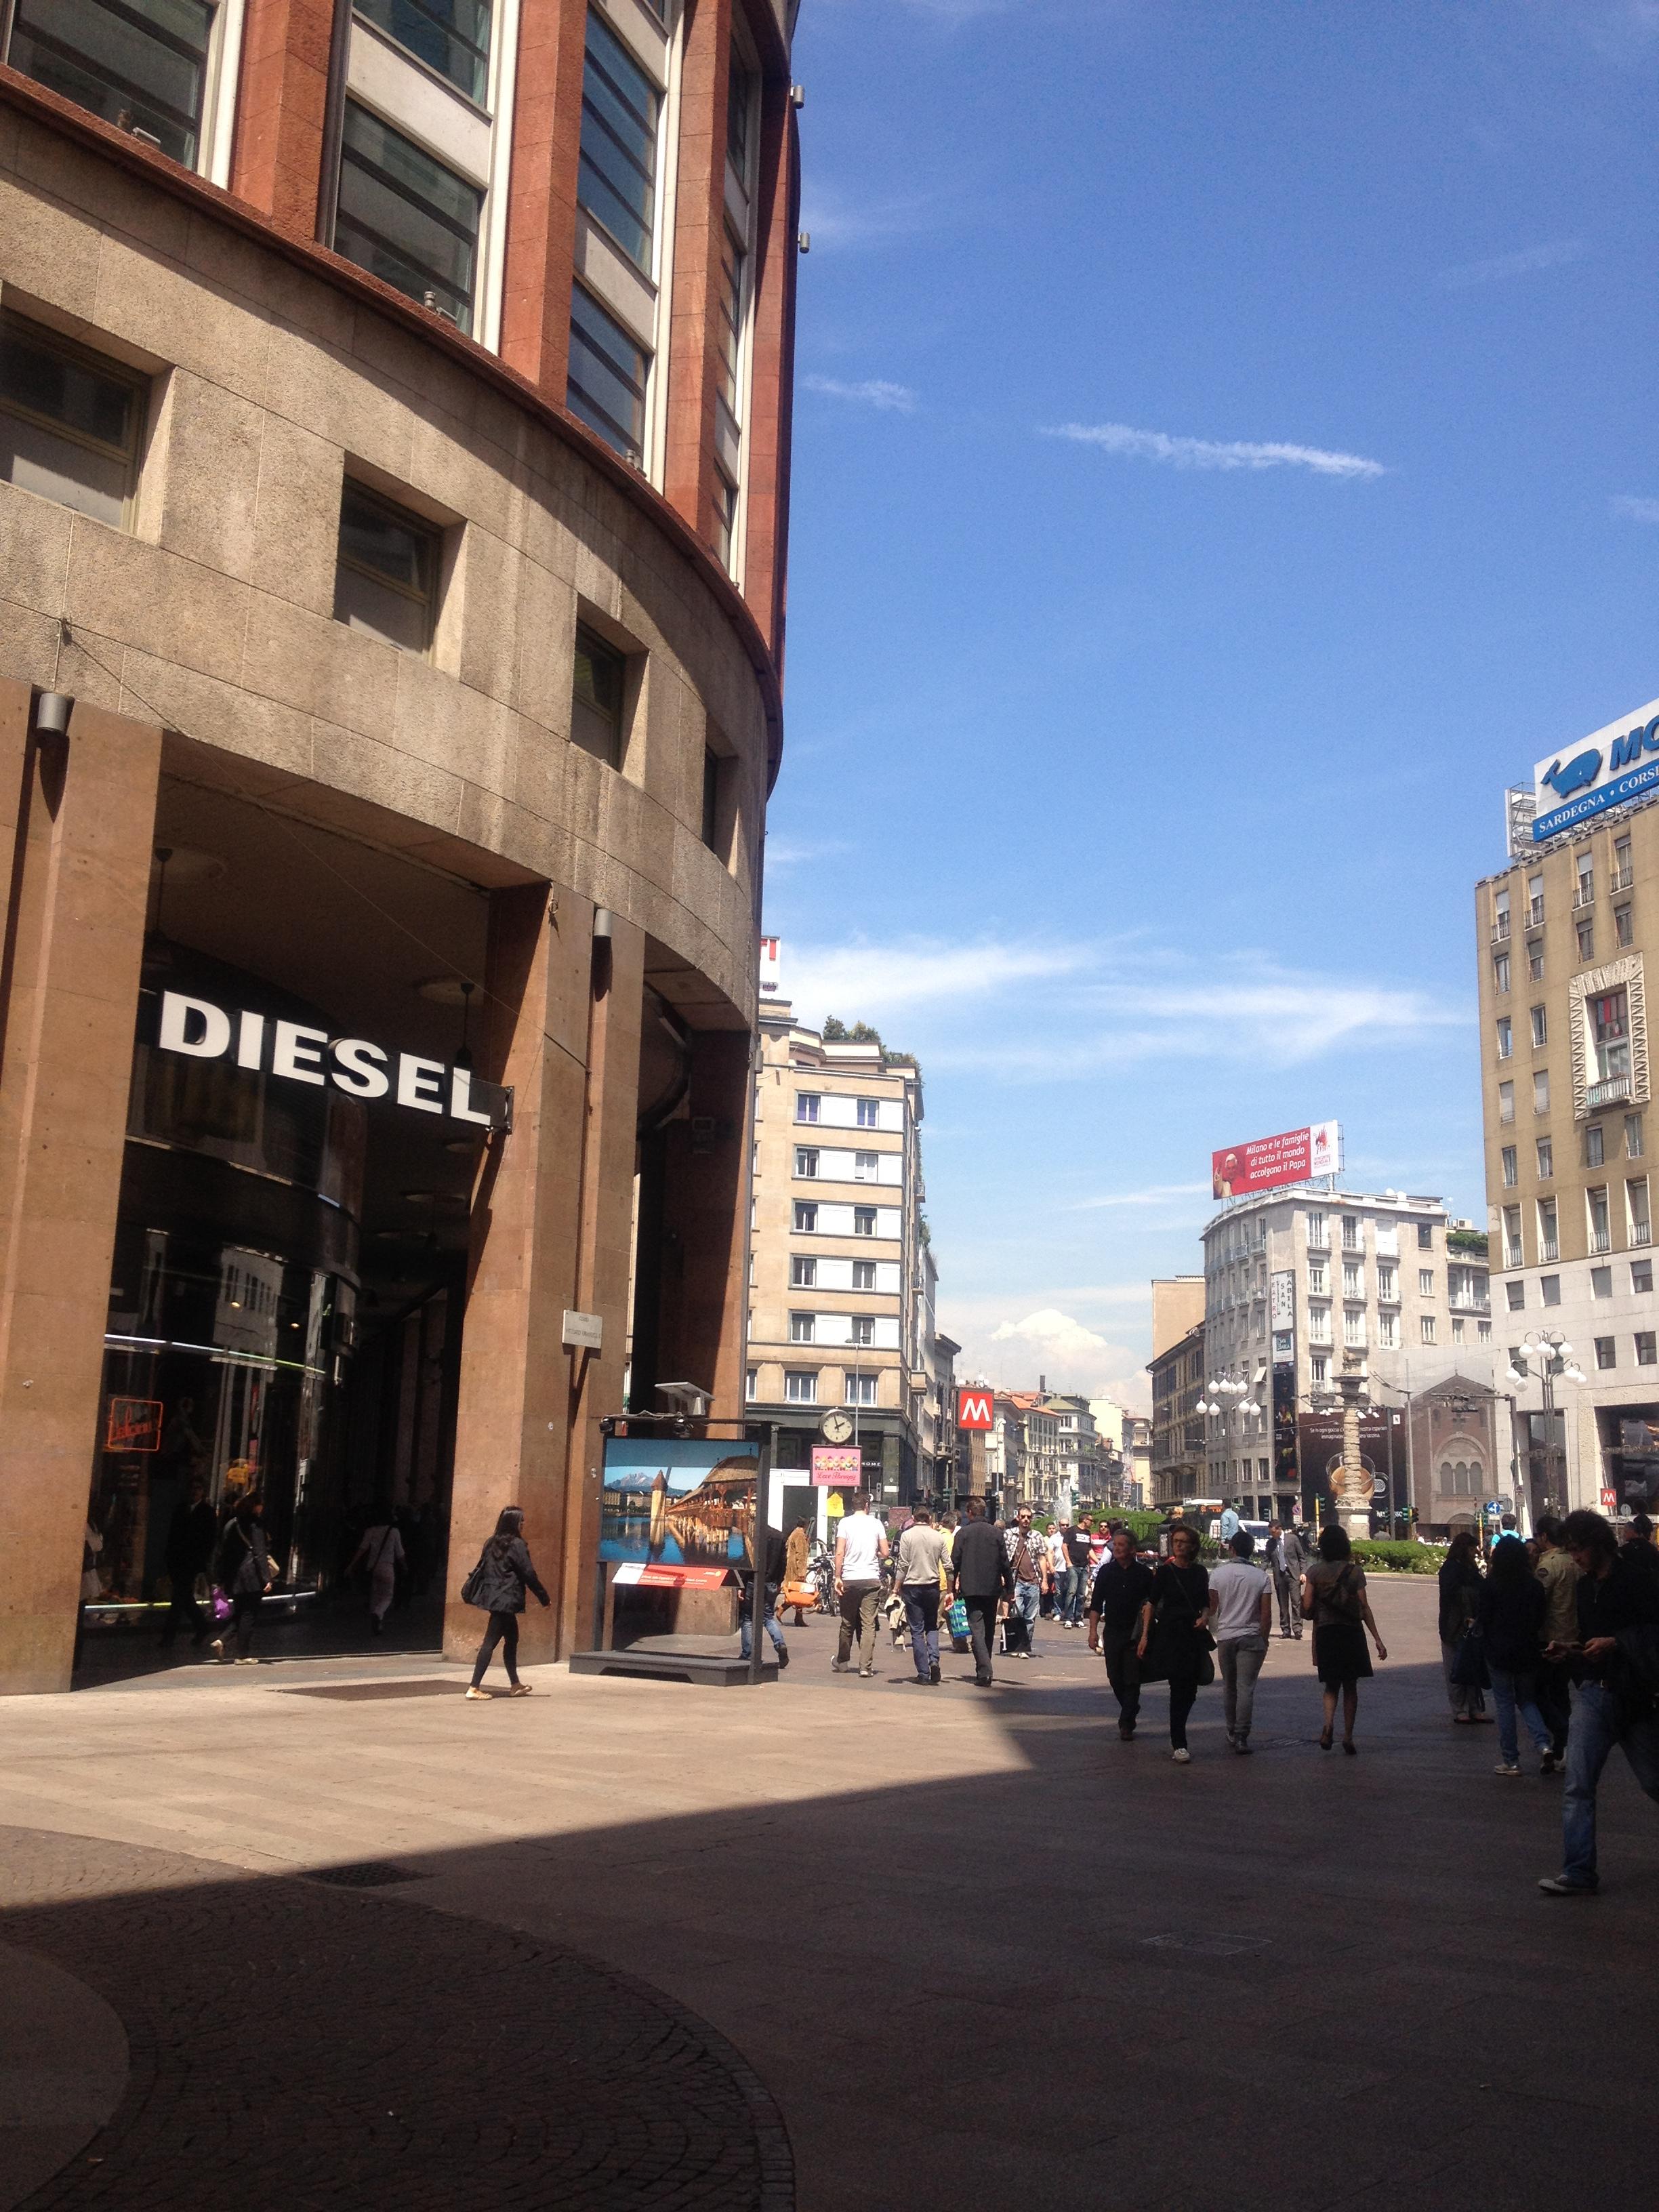 File:Diesel store @ Mi - panoramio jpg - Wikimedia Commons